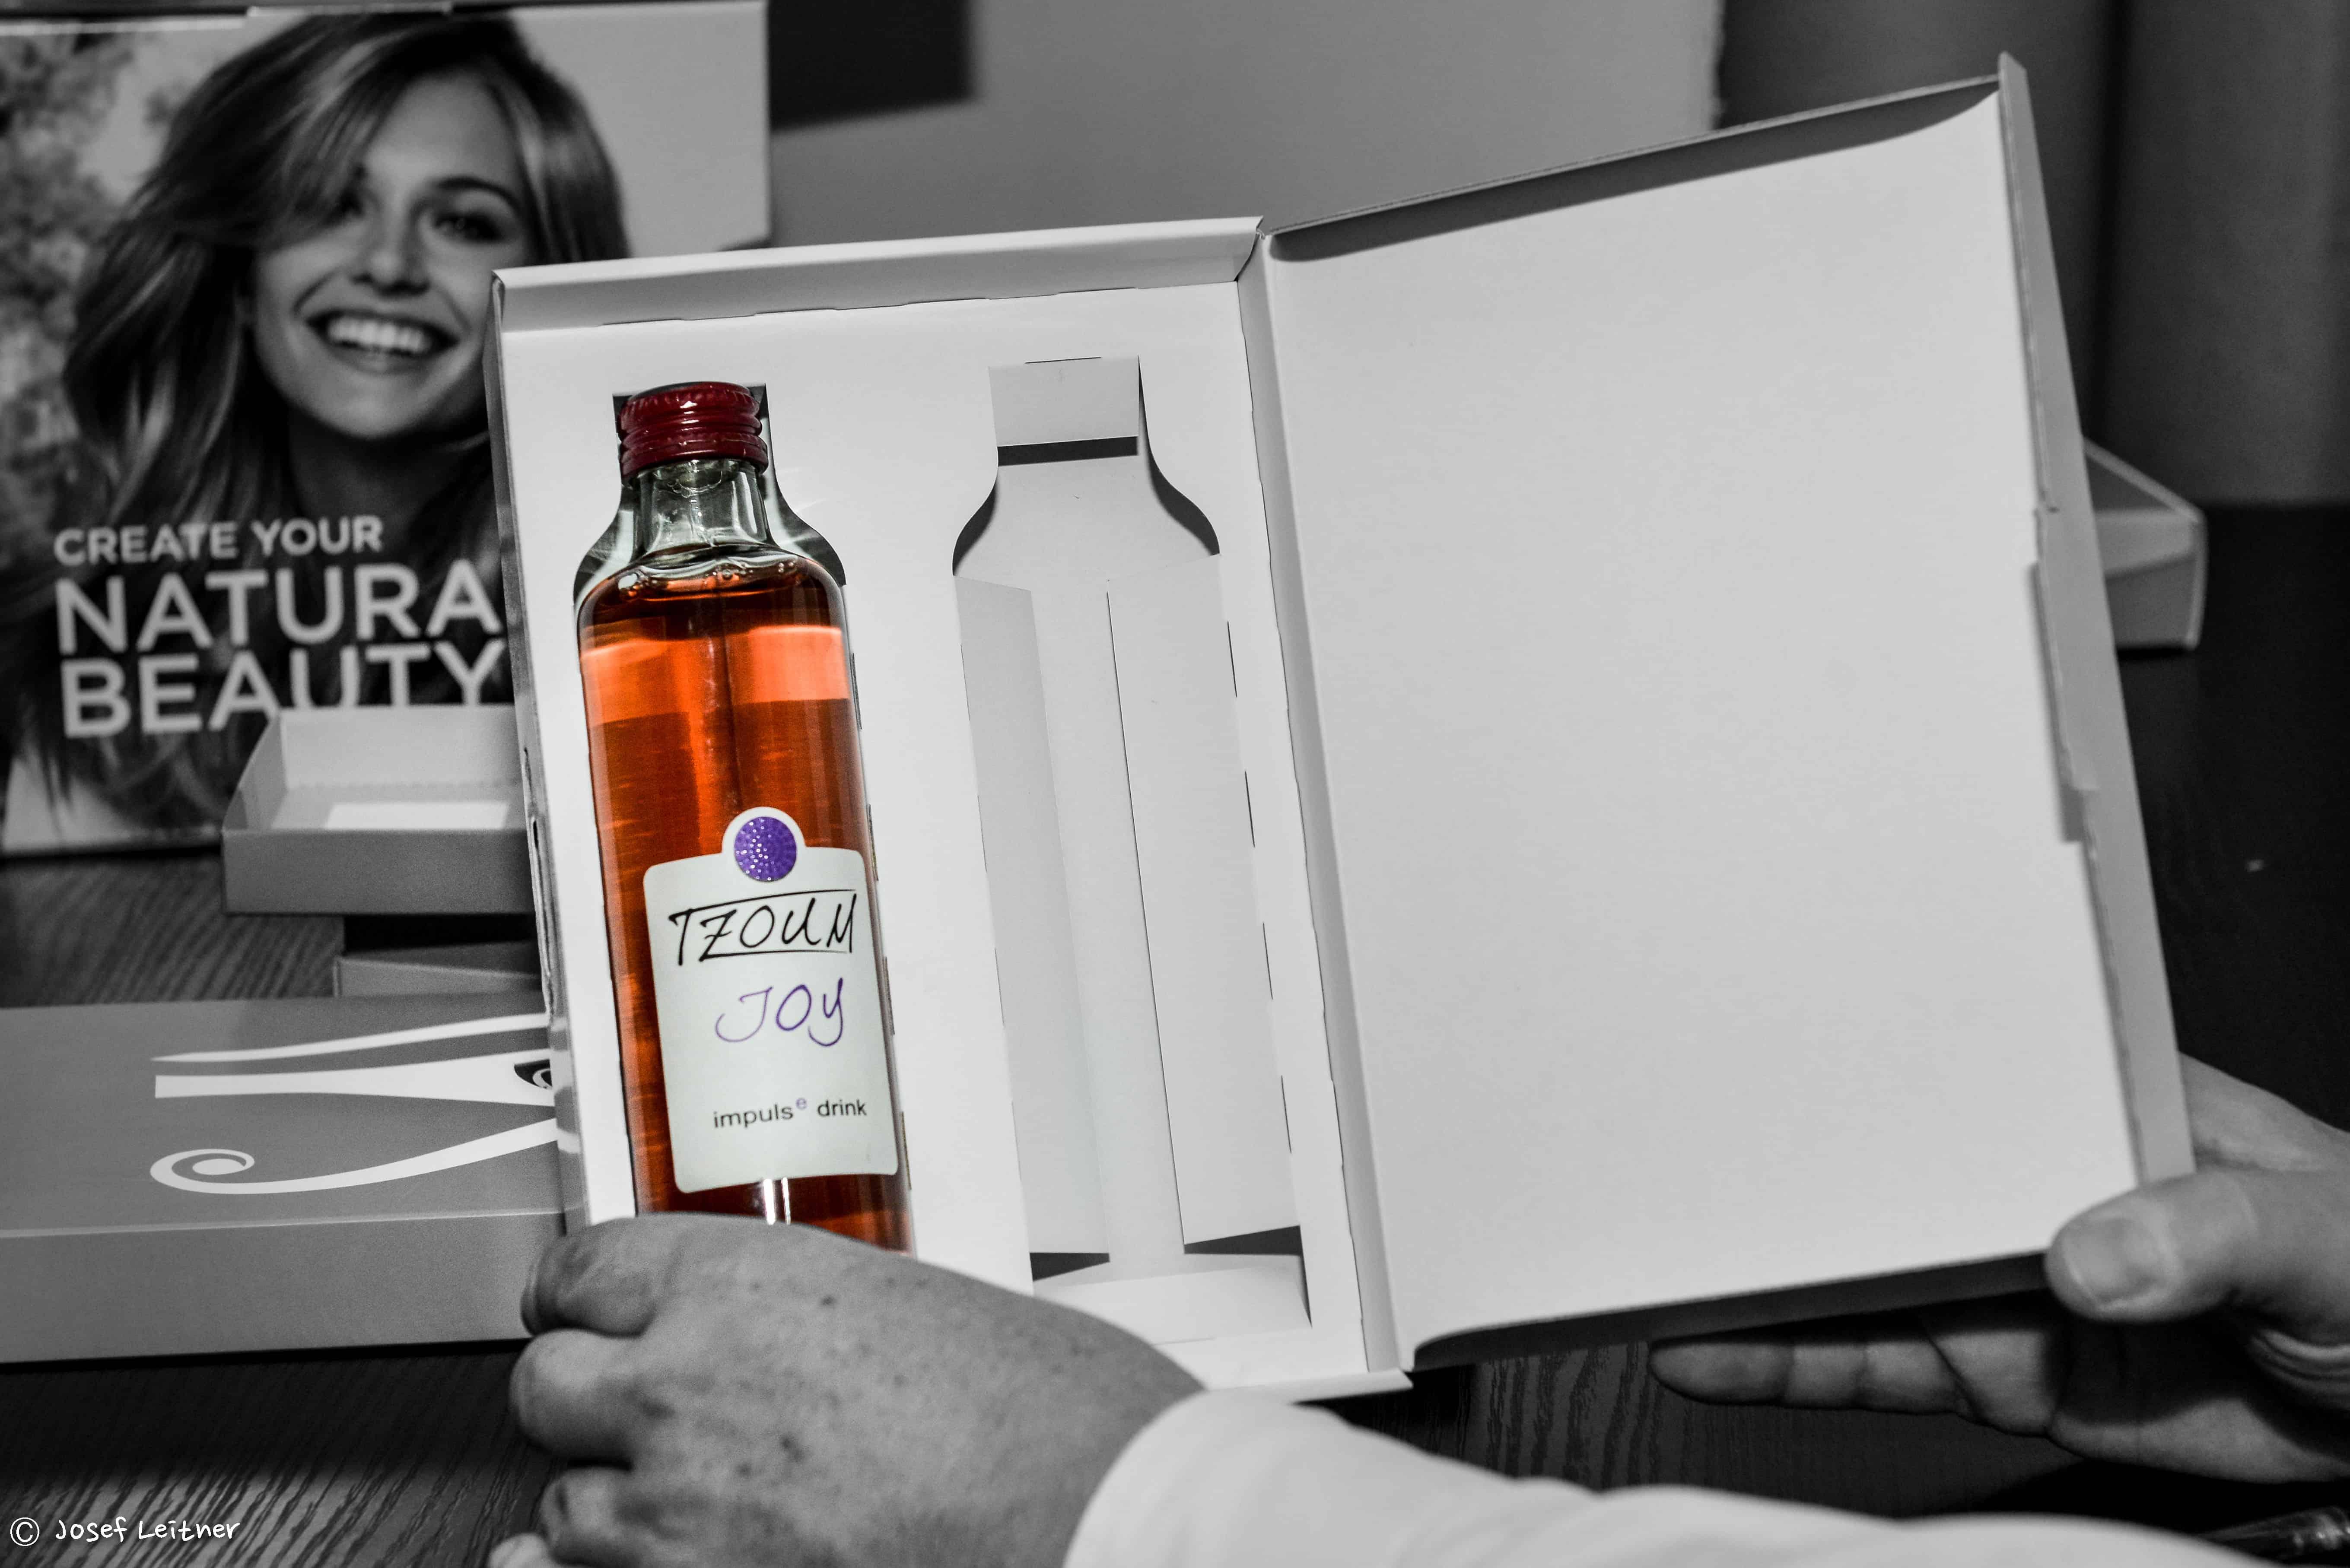 Die optimale Verpackung - wir erstellen gern verschiedene Designs für Sie!